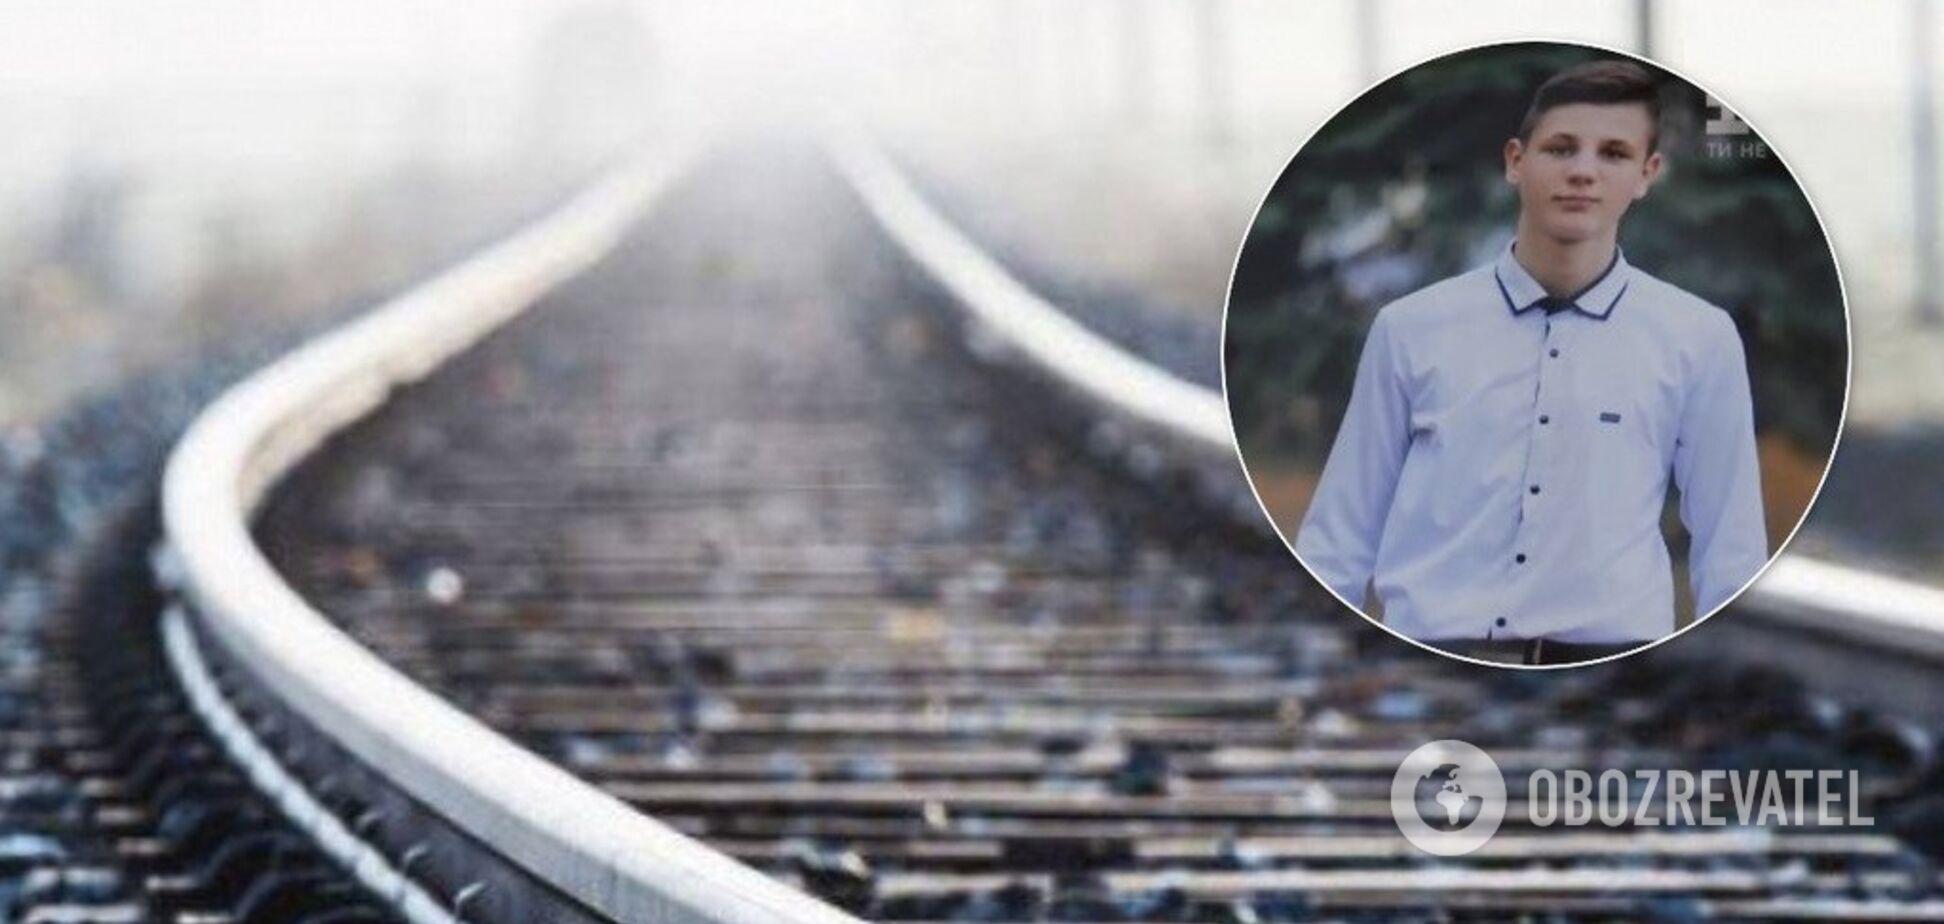 'Следы не от поезда!' Родители привели доказательства убийства 14-летнего подростка из Прилук. Фото